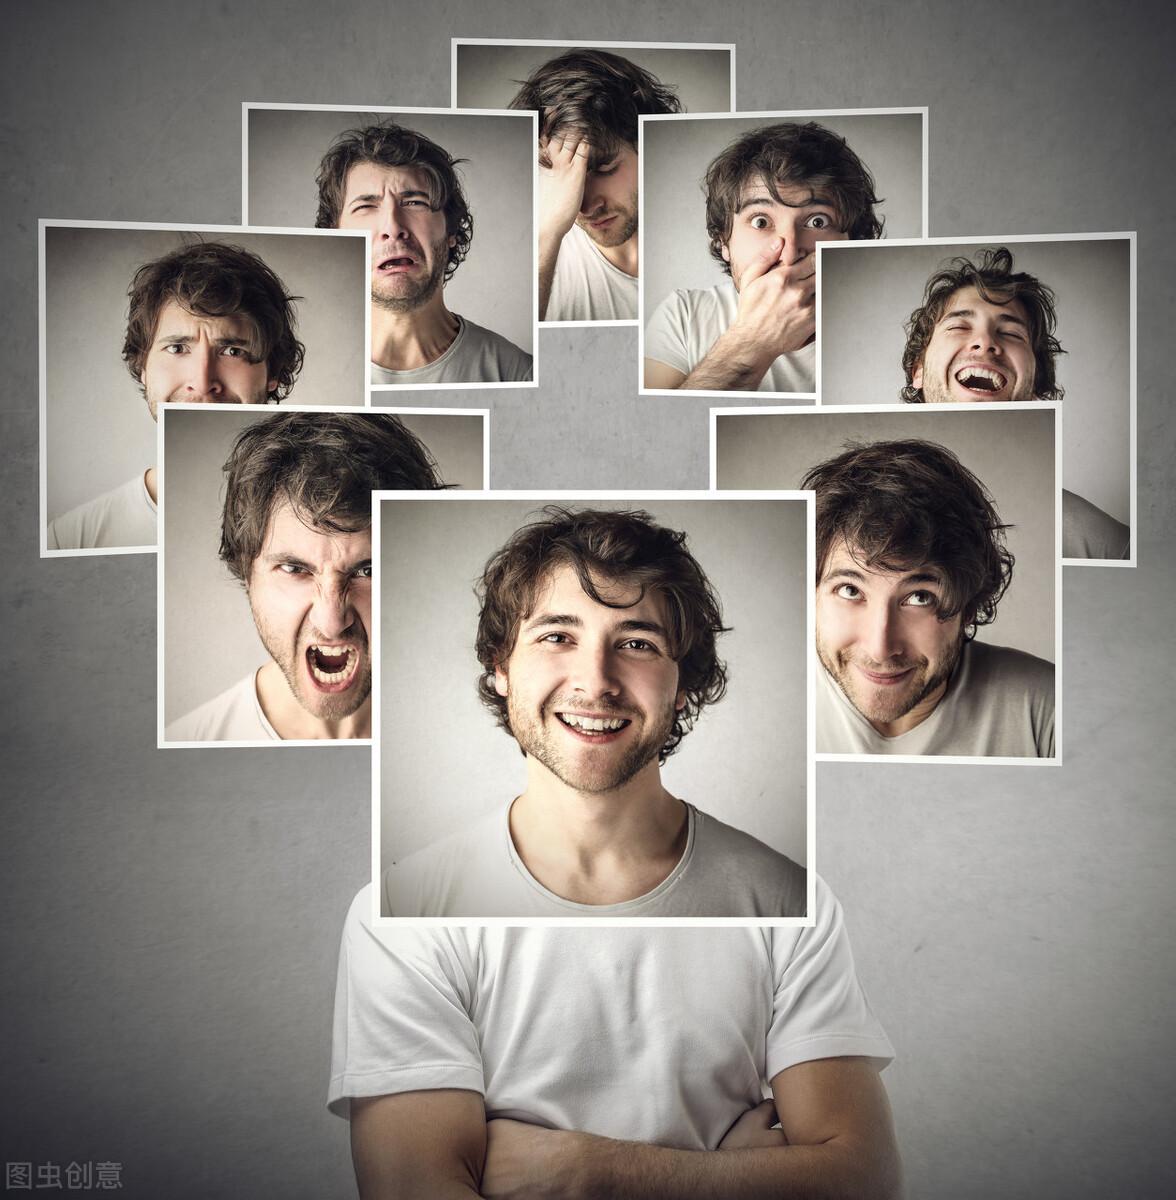 男性衰老加速皆有因,与这6个坏习惯有关,还不赶紧戒掉吗?